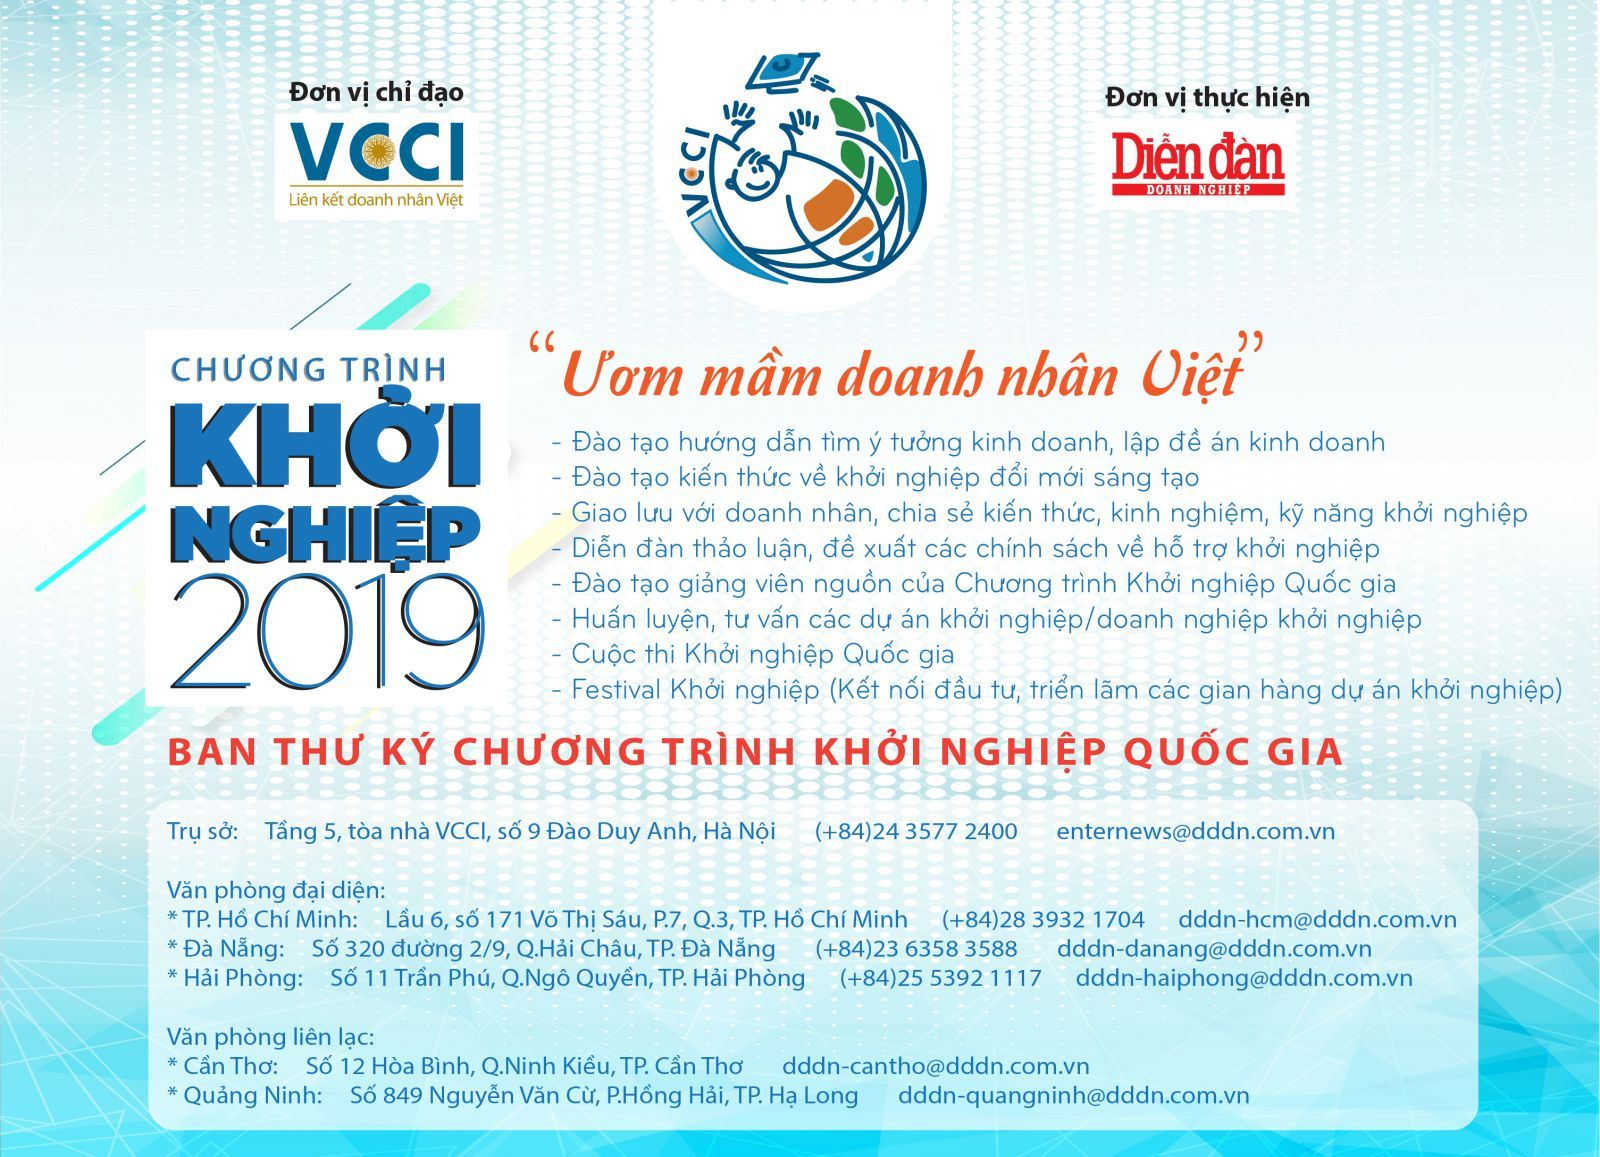 Cuộc thi Khởi nghiệp Quốc gia 2019